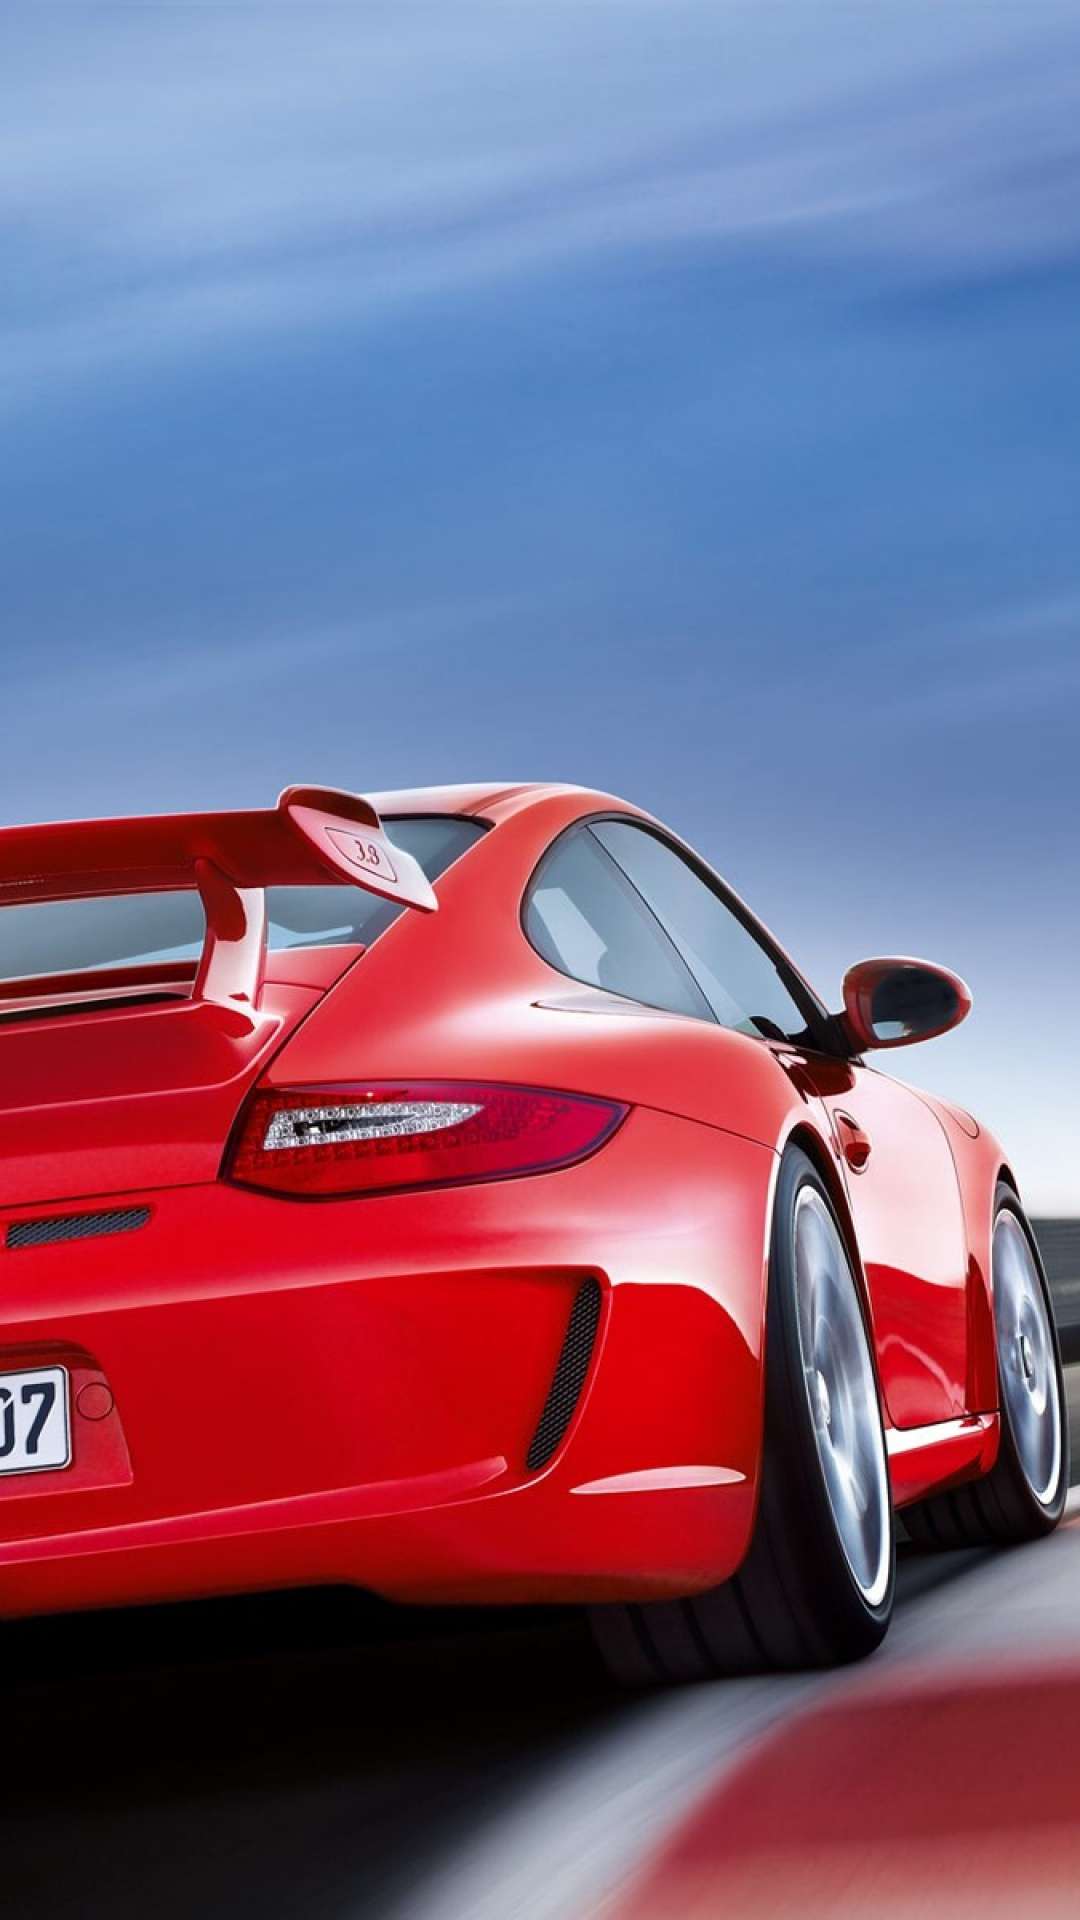 Red Porsche IPhone HD Wallpaper